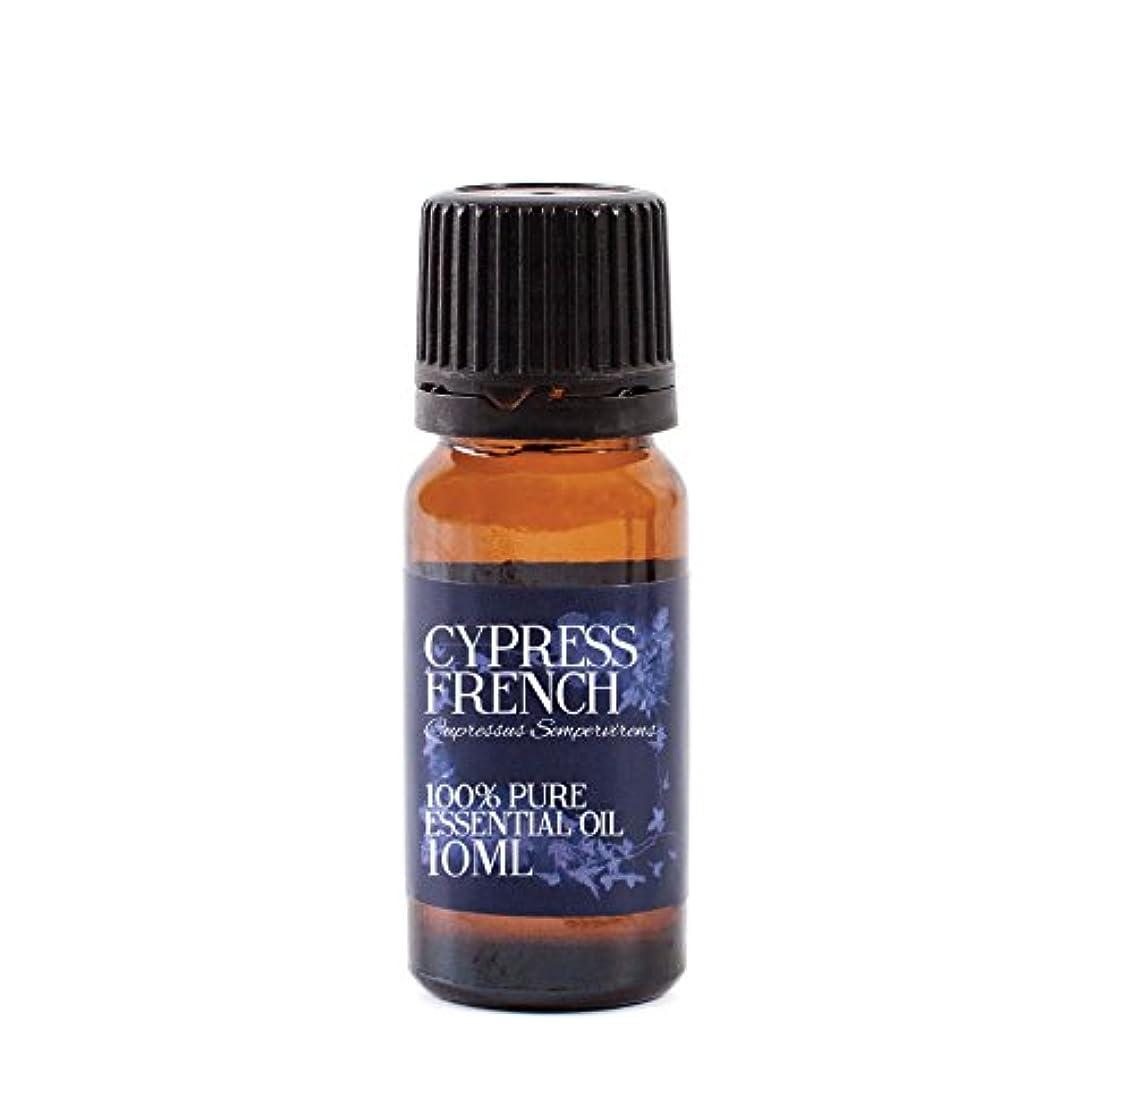 露出度の高い未払い早いMystic Moments | Cypress French Essential Oil - 10ml - 100% Pure